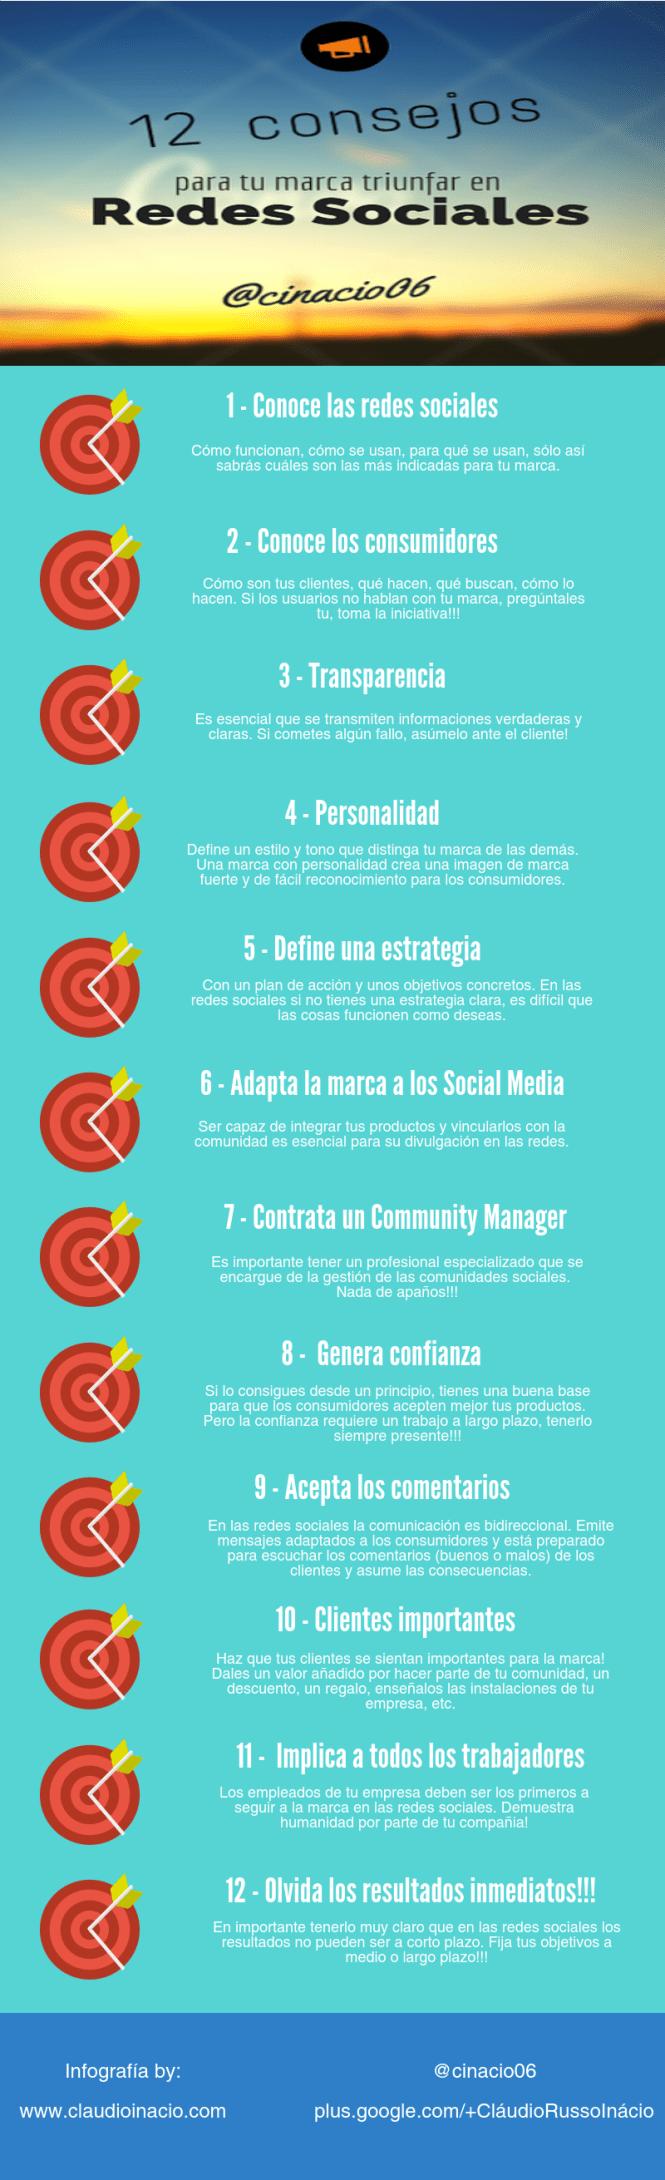 12 consejos para que tu marca triunfe en Redes Sociales